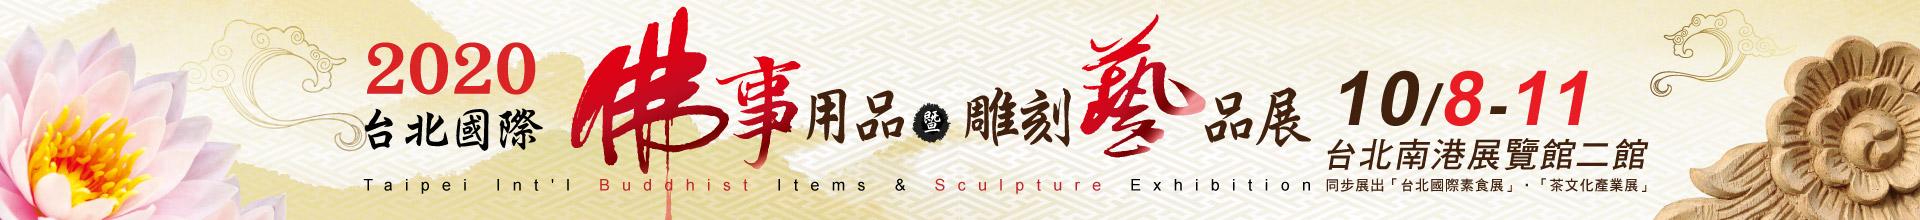 2020台北國際佛事用品暨雕刻藝品展